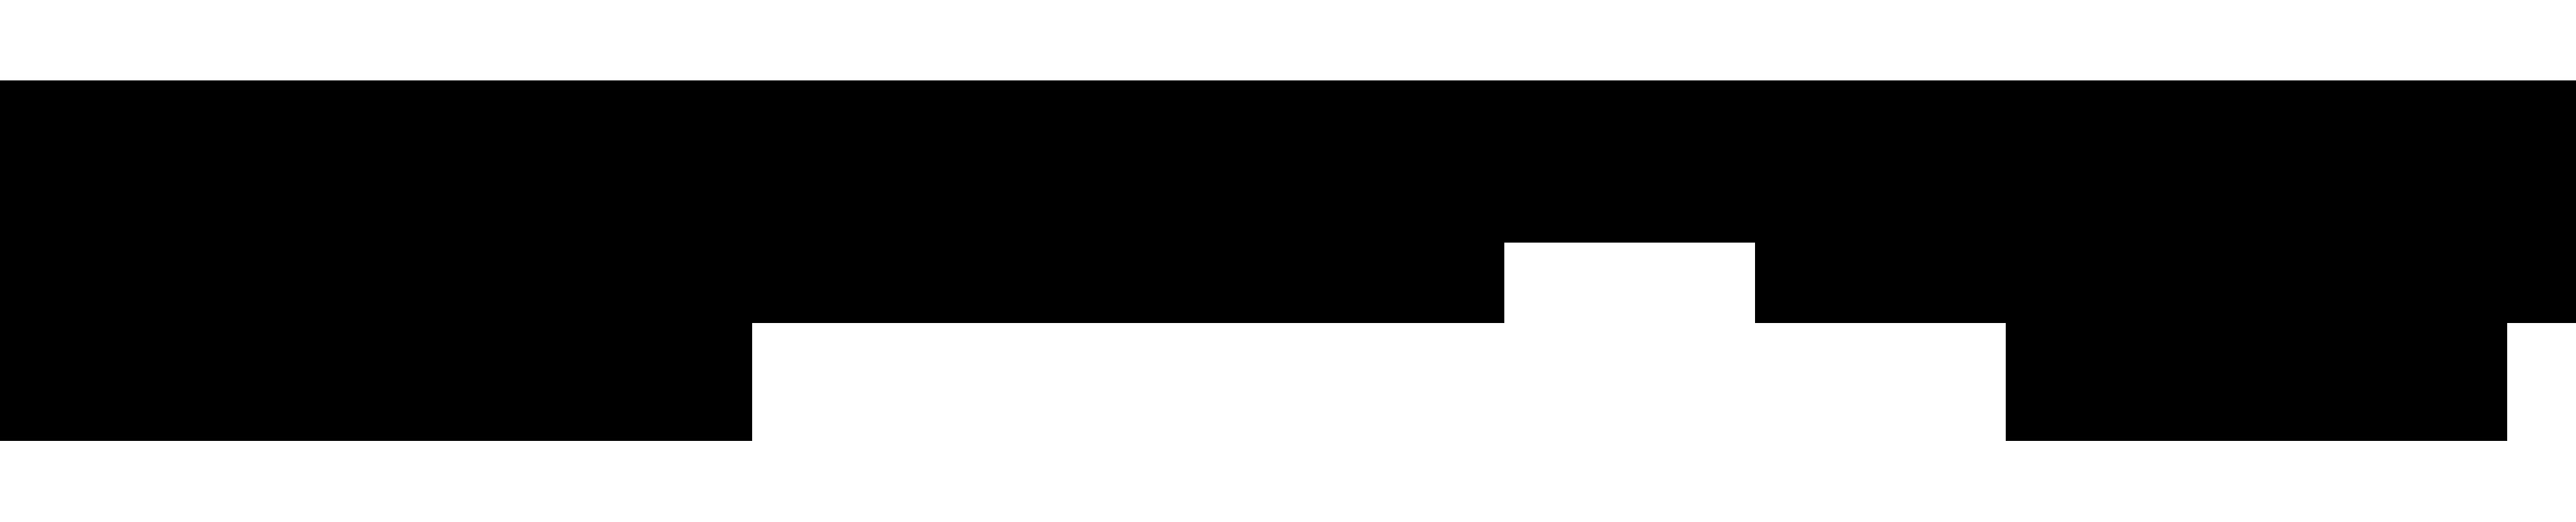 Rustic Arrow Clipart